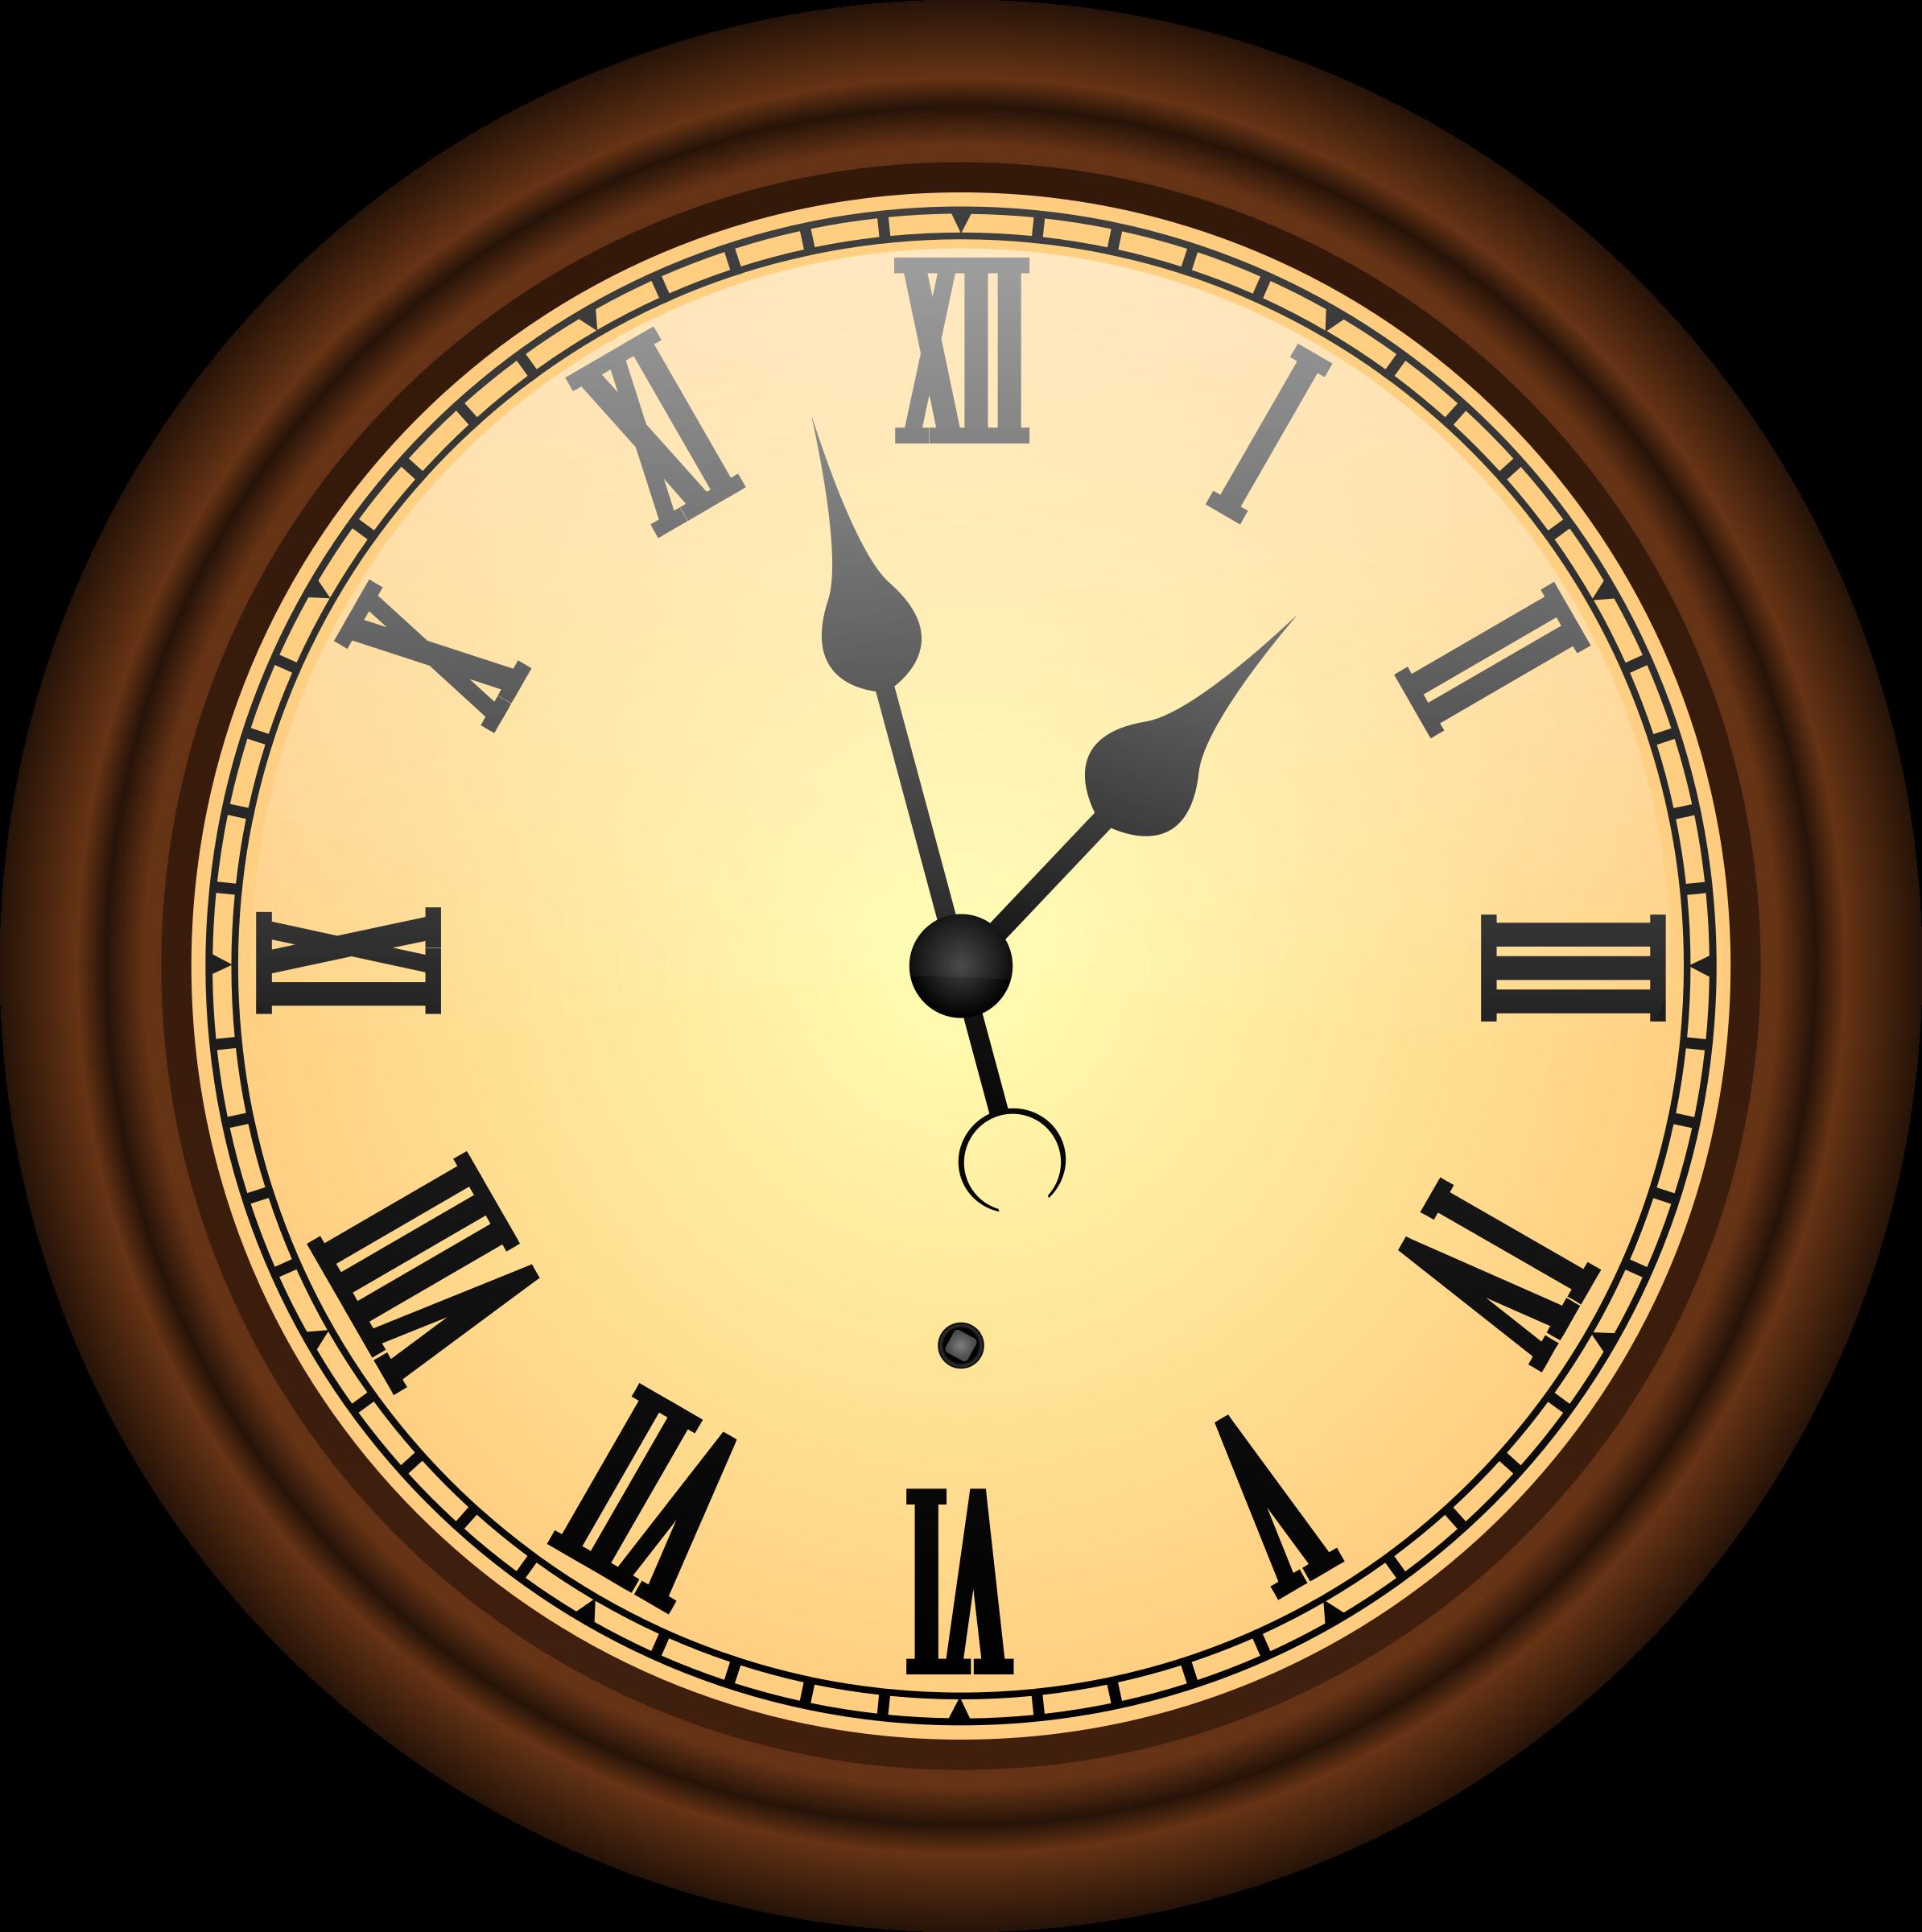 Флэш часы в старинном стиле для сайта